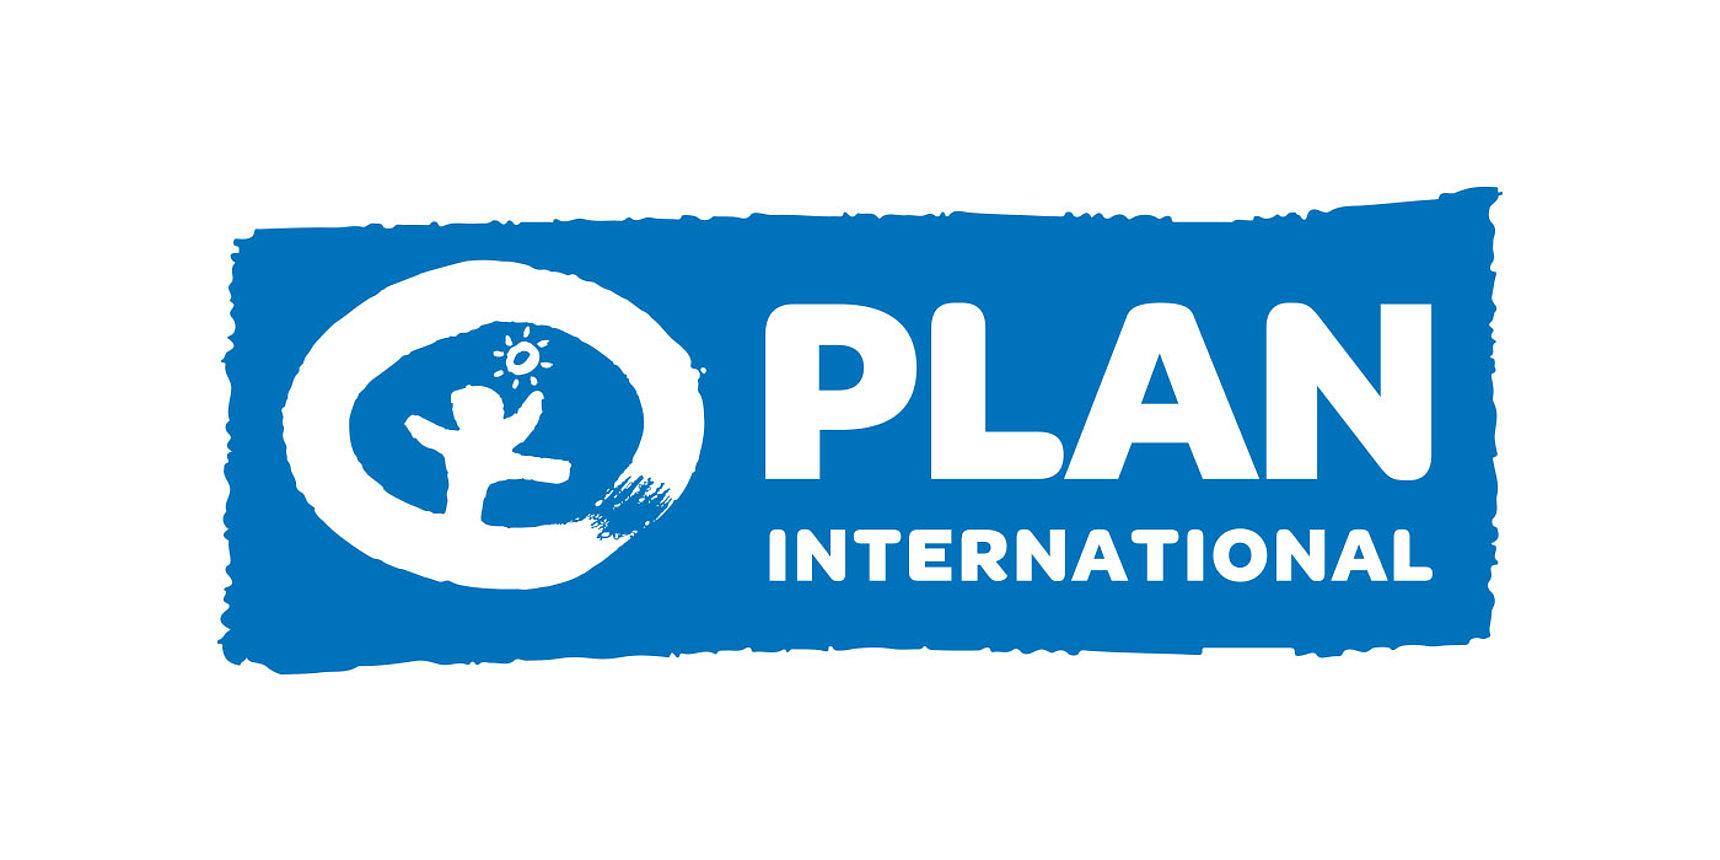 [Translate to English:] Logo Plan